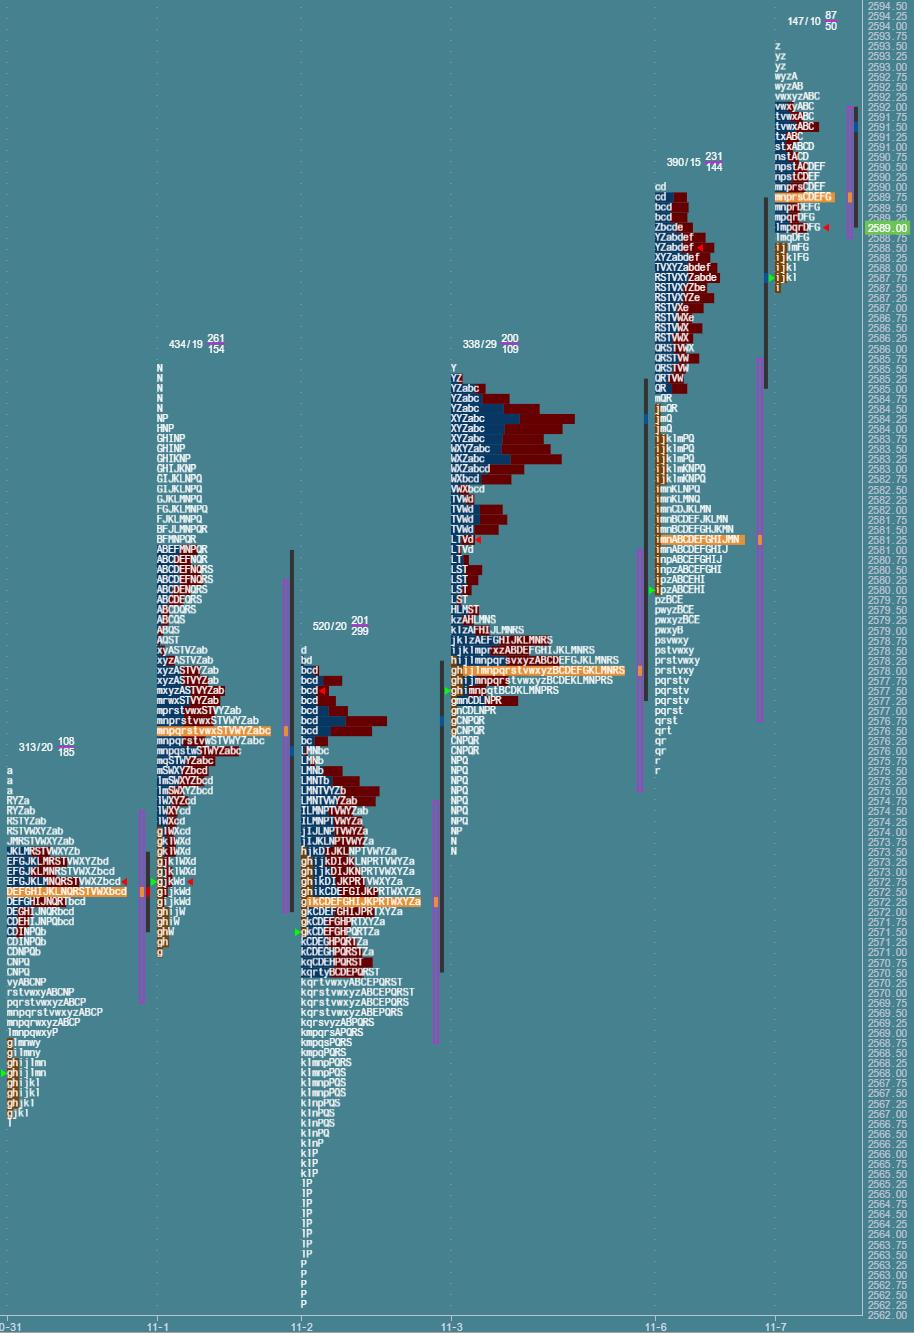 Przygotowane do sesji: market profile z 7 listopada